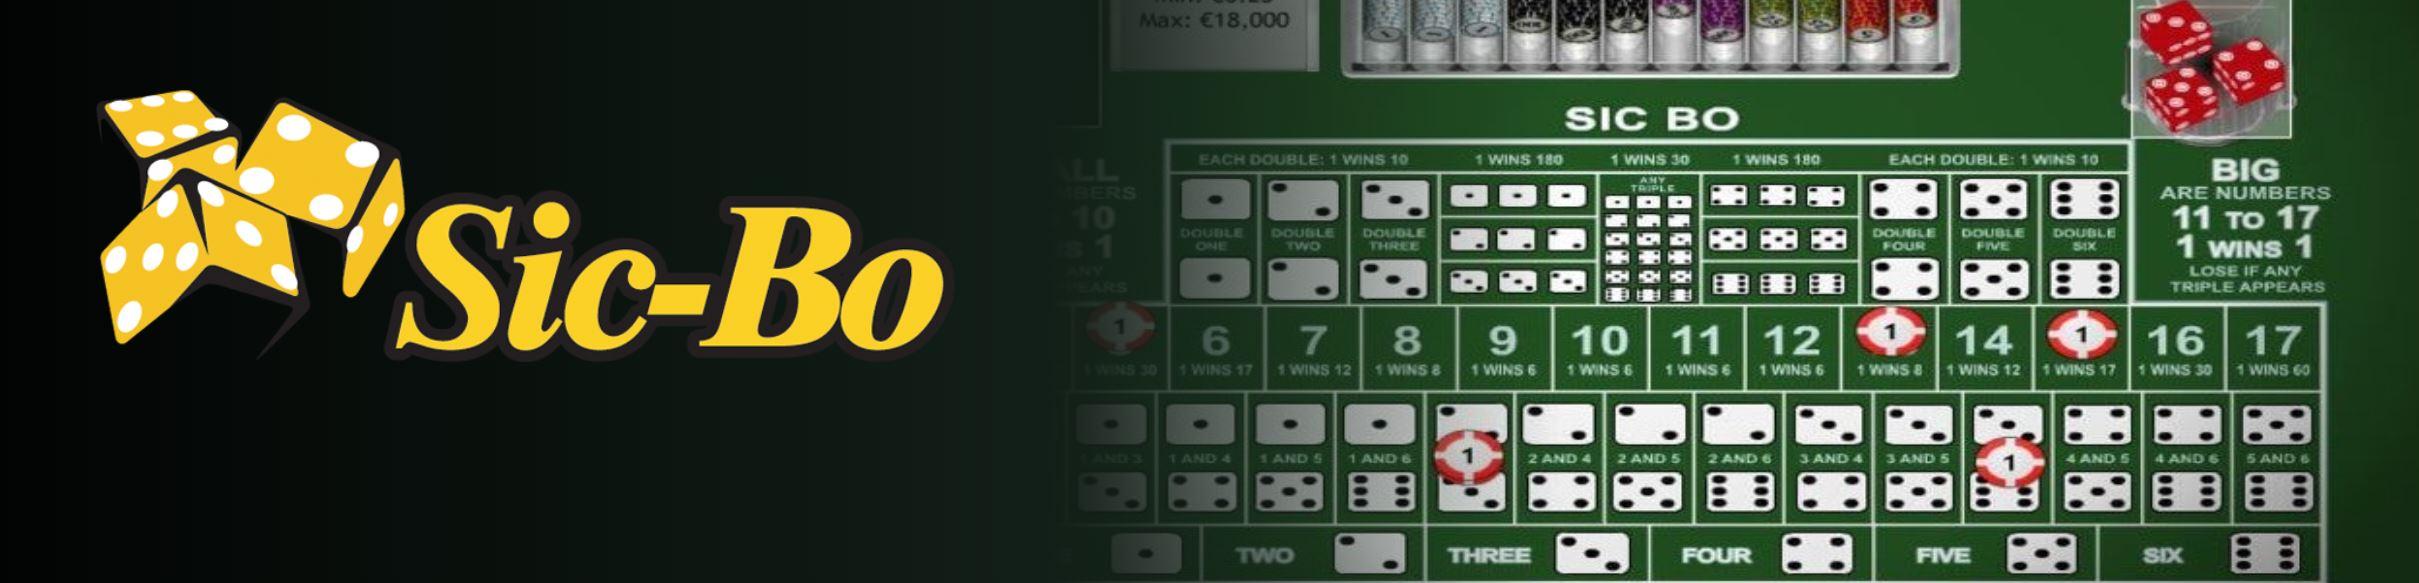 Es posible jugar dinero real a sic bo